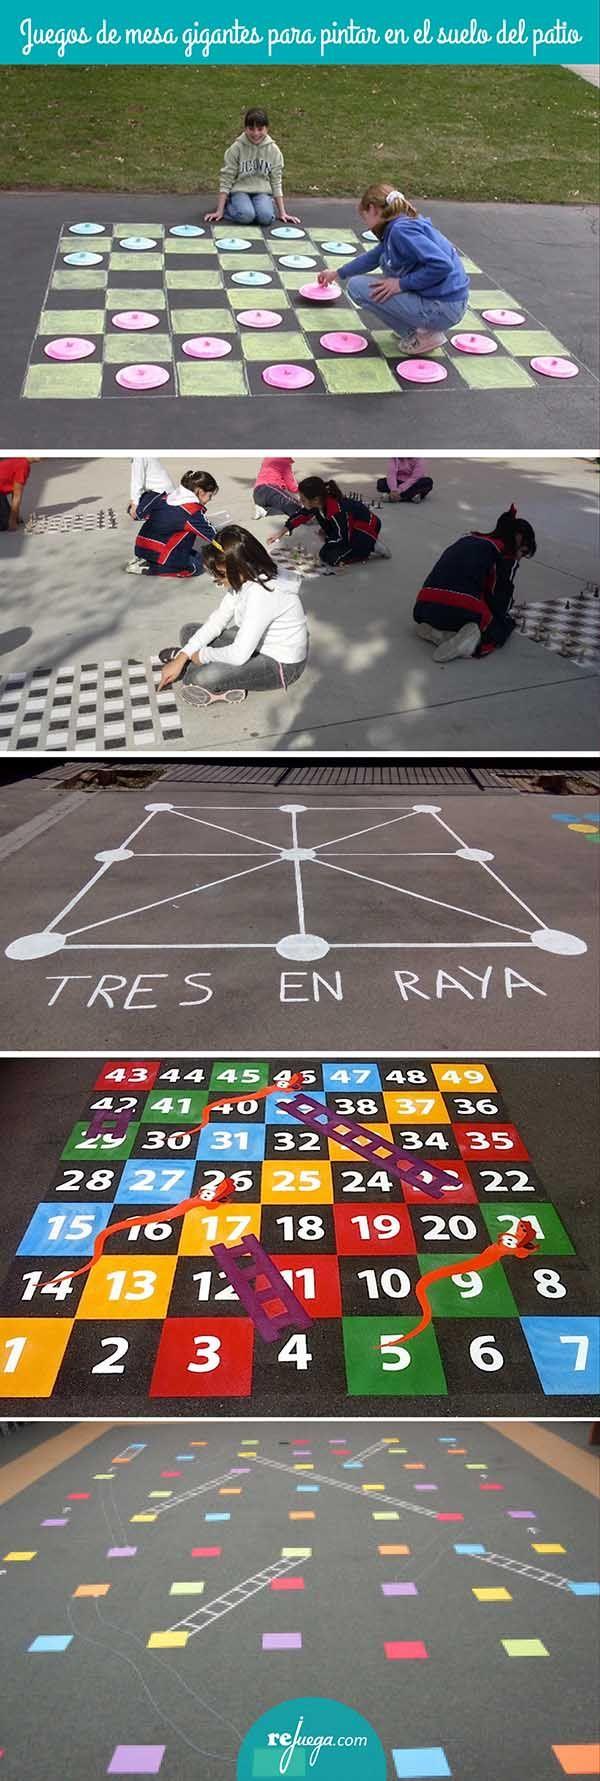 juegos de mesa gigantes para pintar en el suelo del patio y jugar